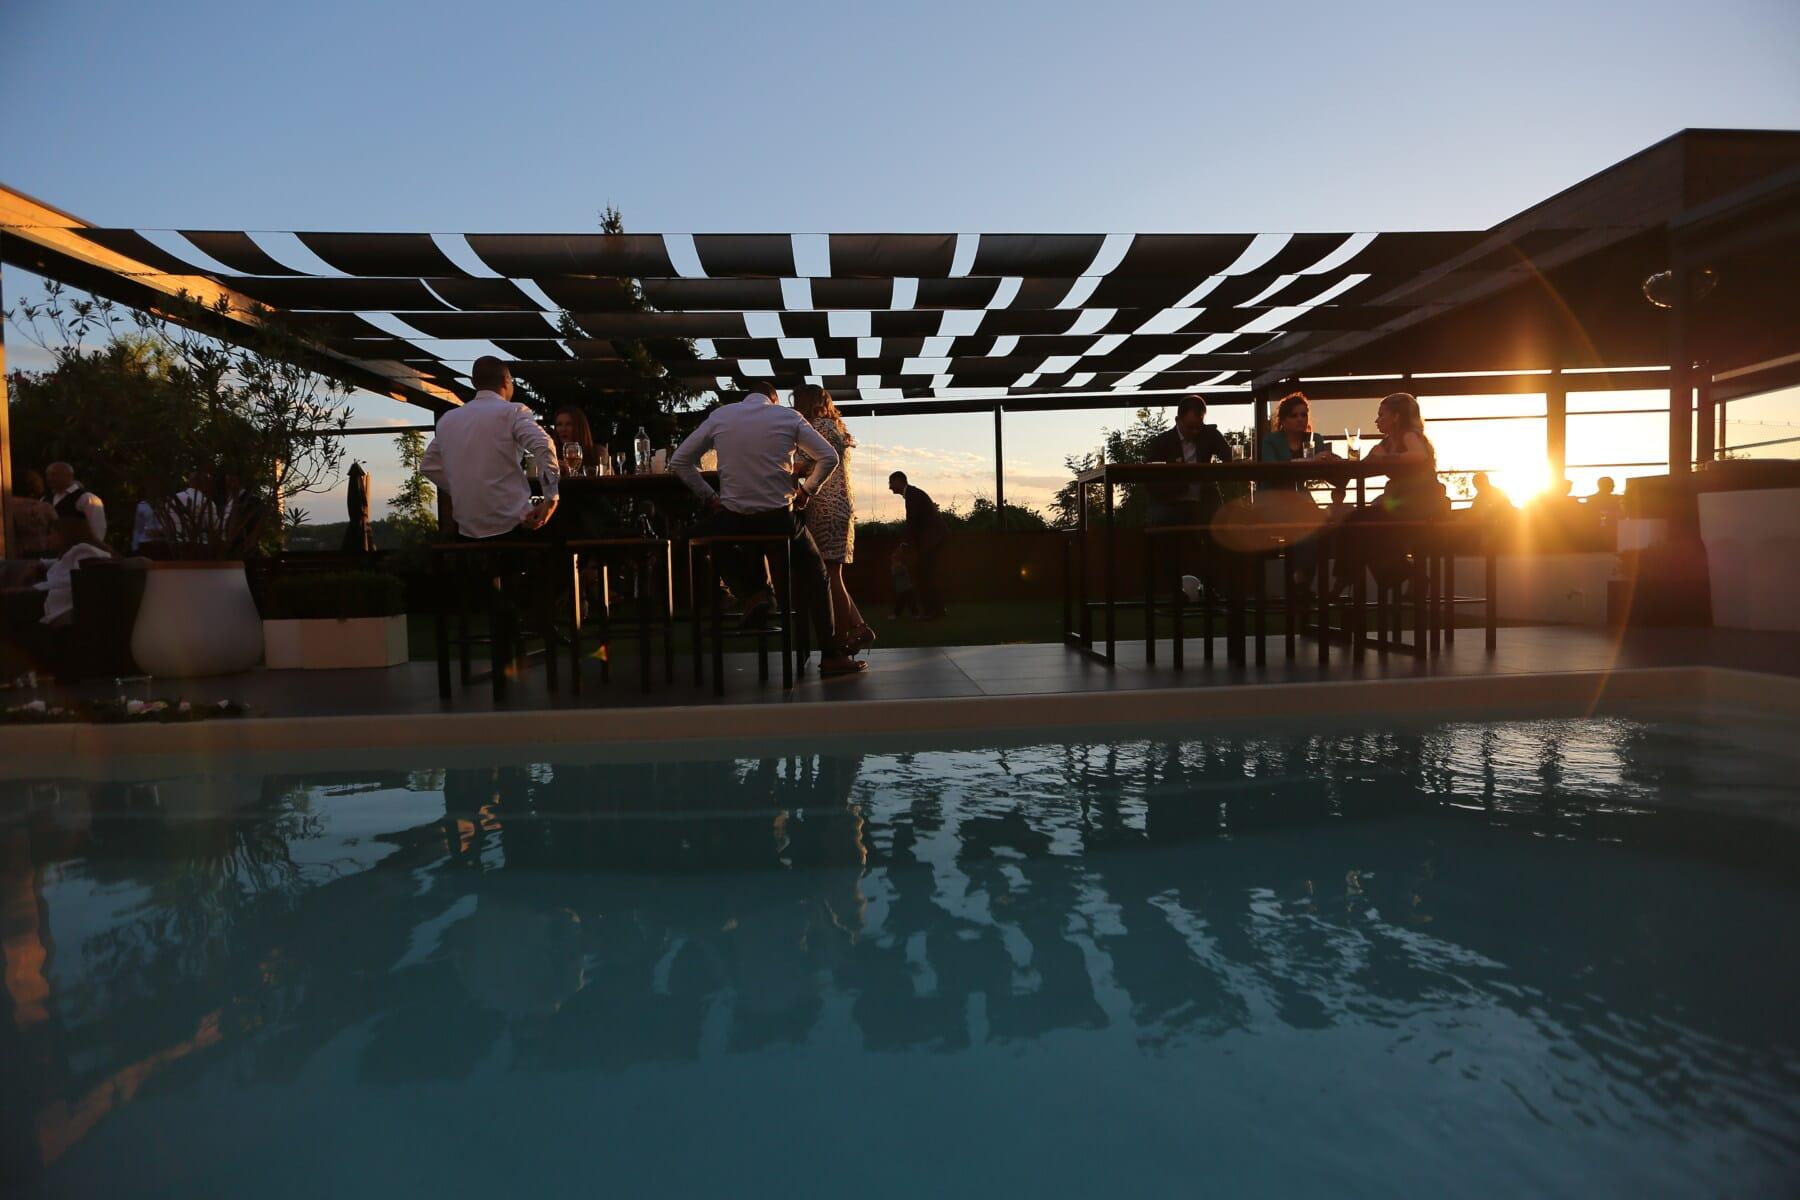 ljudi, restoran, naselju na području, hotel, bazen, noćni klub, zalazak sunca, voda, odraz, slobodno vrijeme